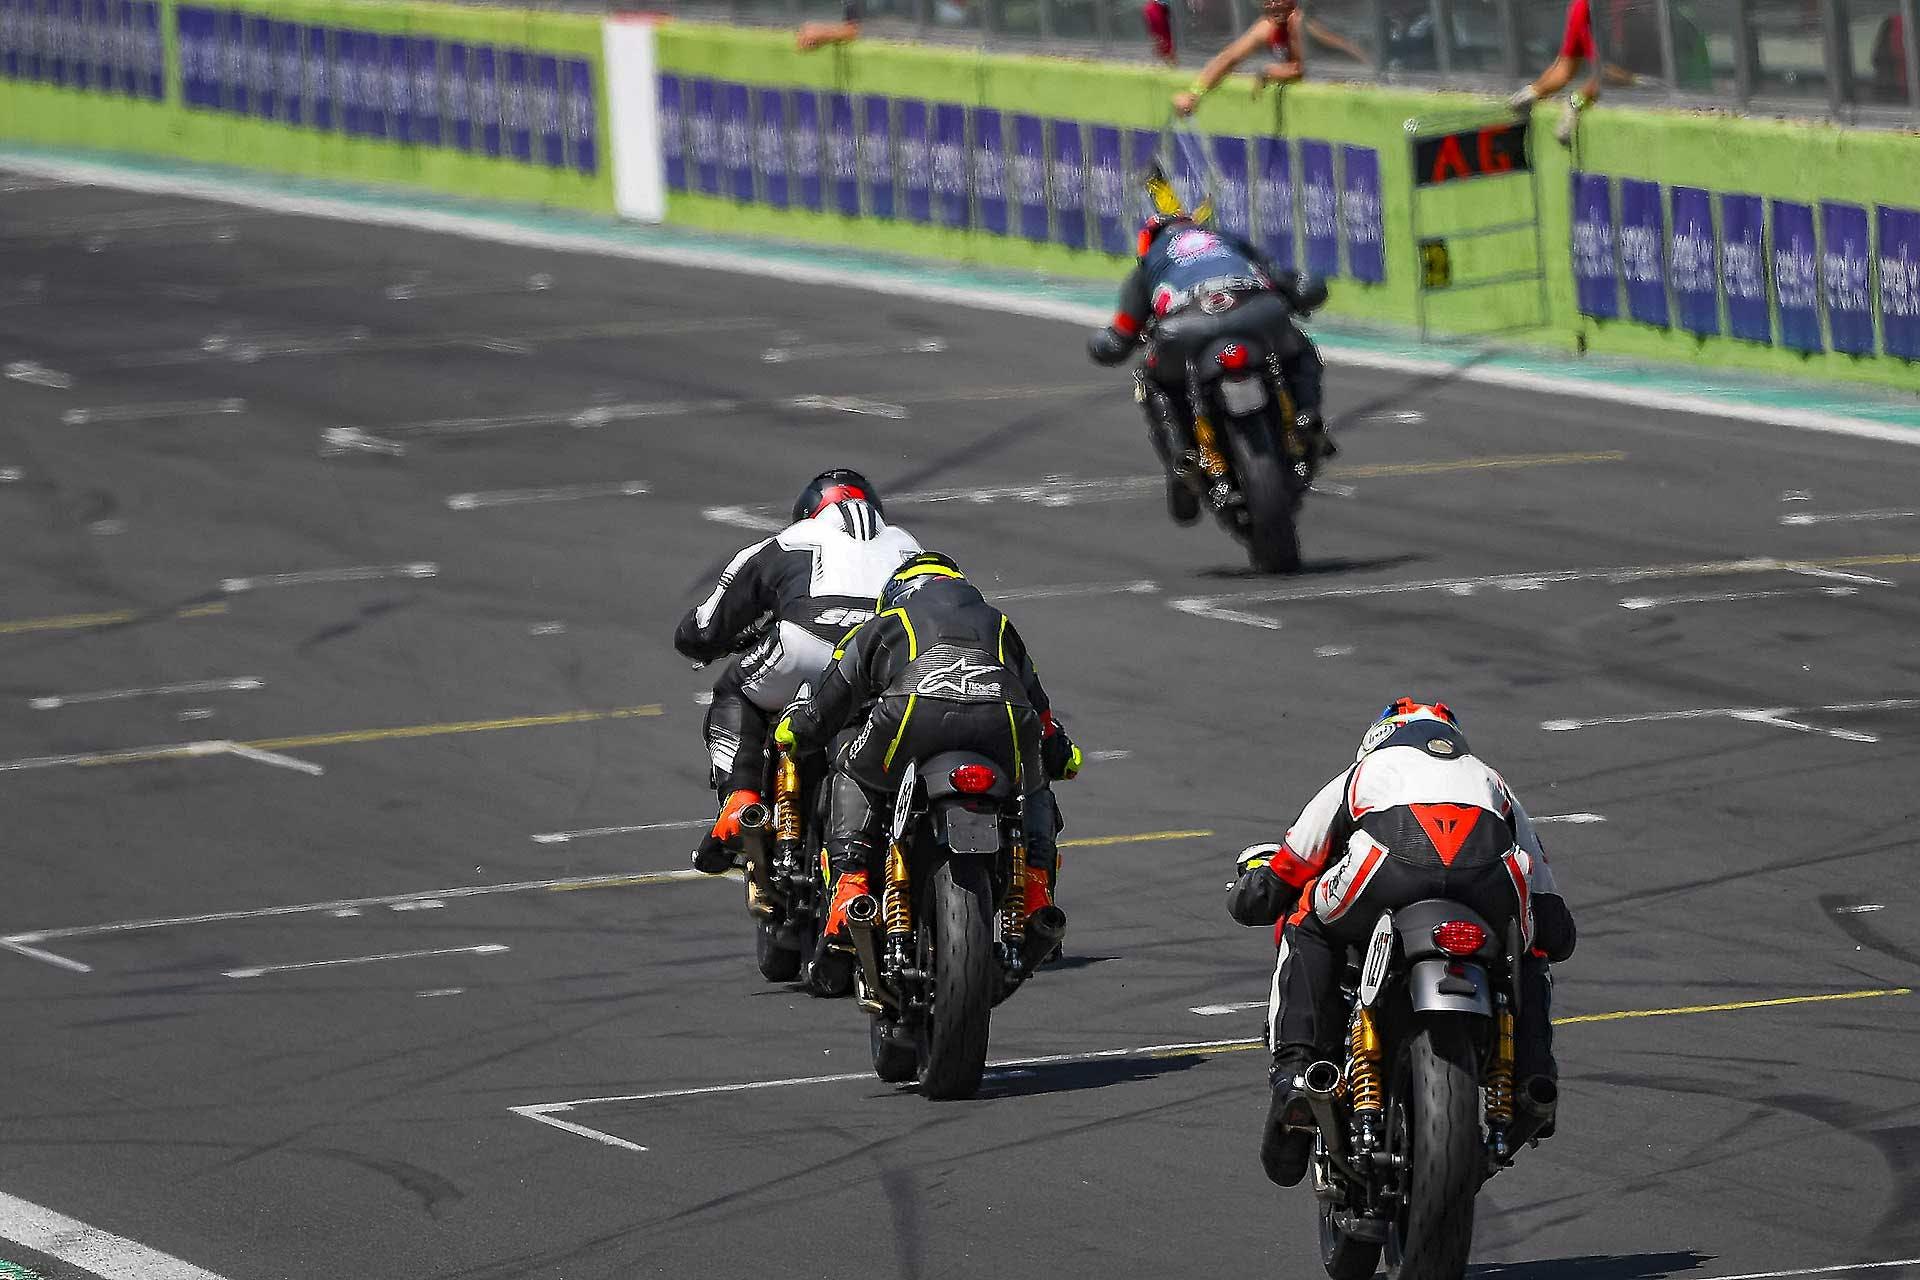 Moto Guzzi fast Endurance European Cup